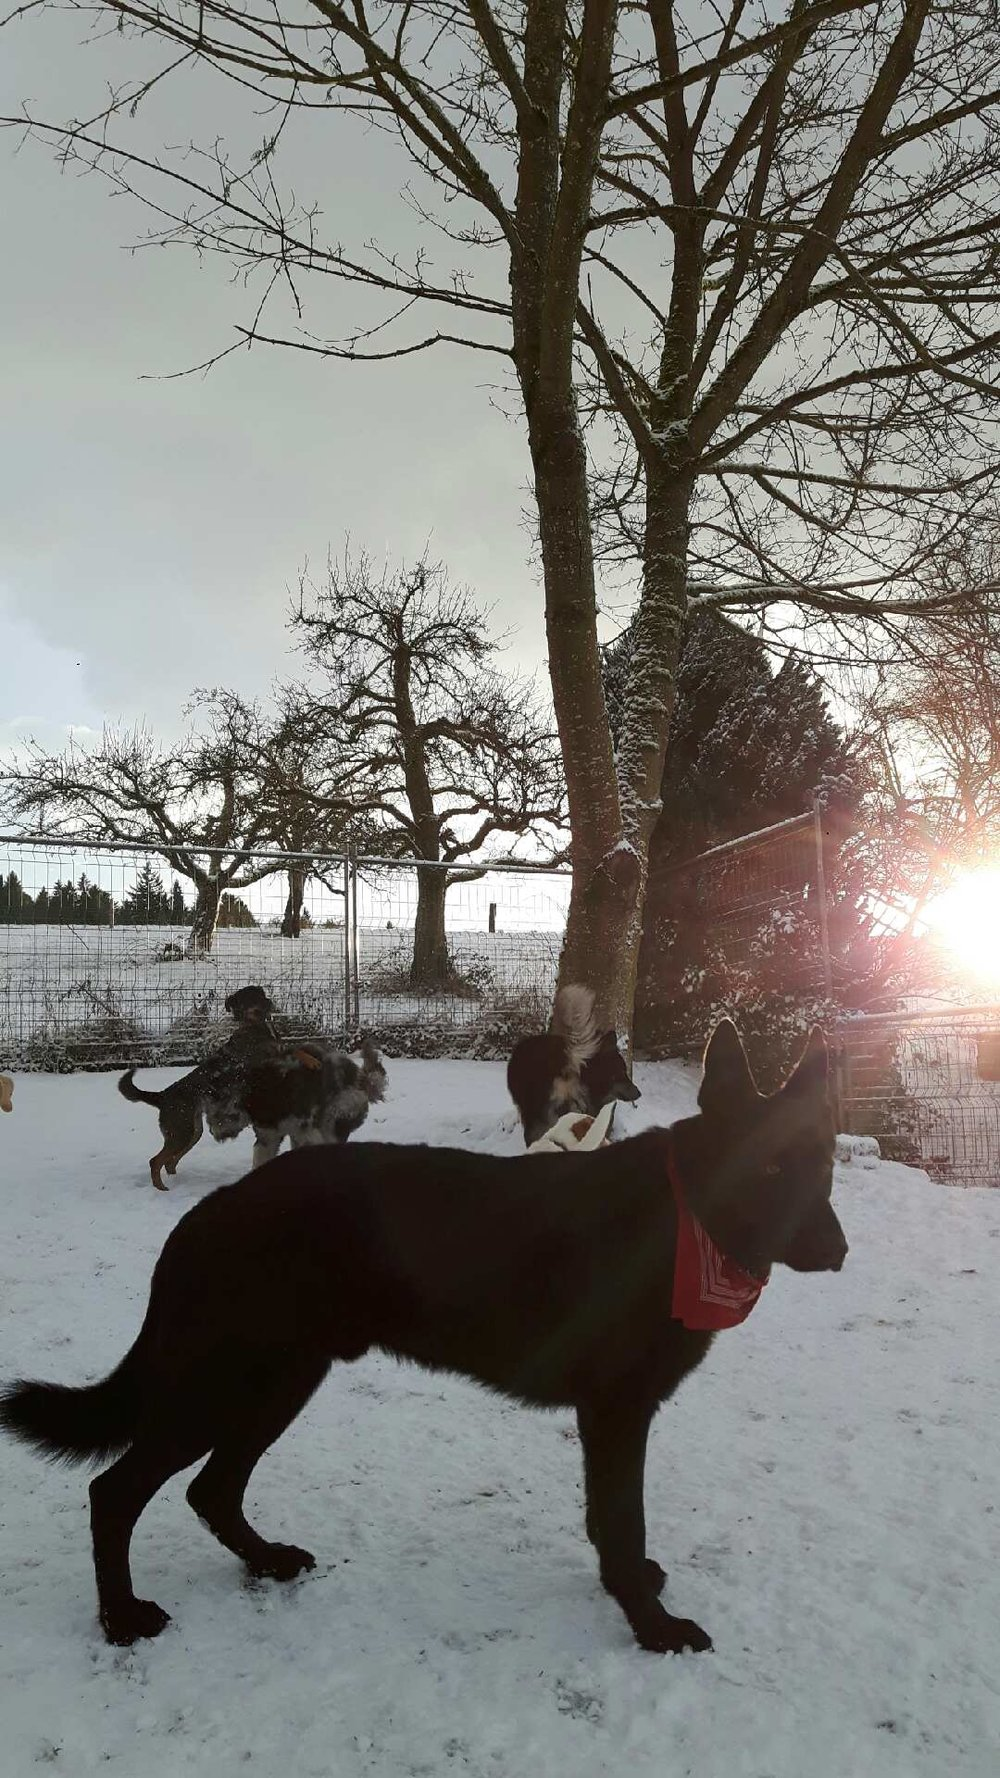 Before Sunset: Auch Hunde wissen, magische Momente im Schnee zu geniessen. Gestern Abend hat sich das Rudel im Höfli beim Sonnenuntergang äusserst wohl gefühlt. Ein herrliches Bild mit Jack im Vordergrund.